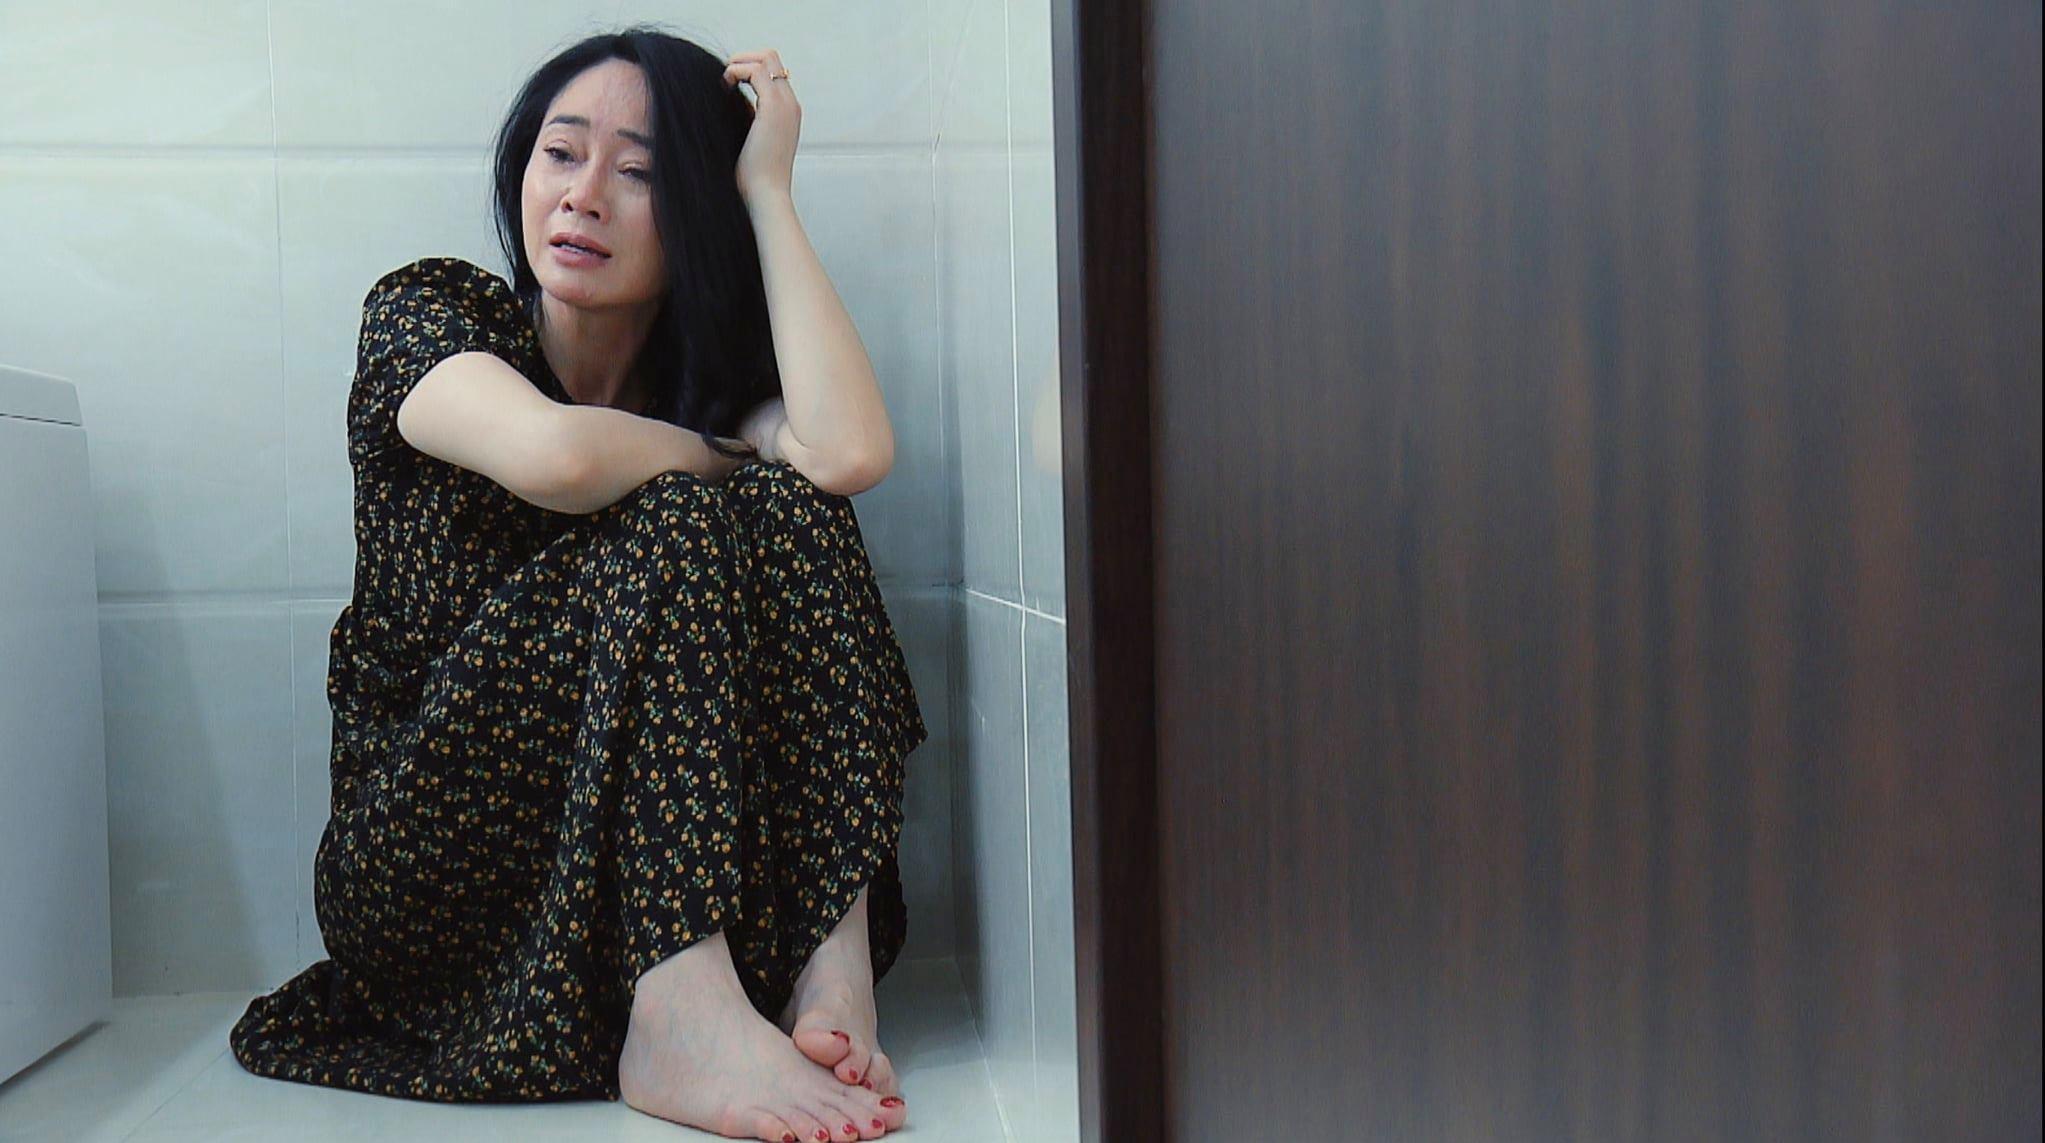 Màn sao kê từ thiện của bà Xuân 'Hương vị tình thân' xây dựng từ thực tế